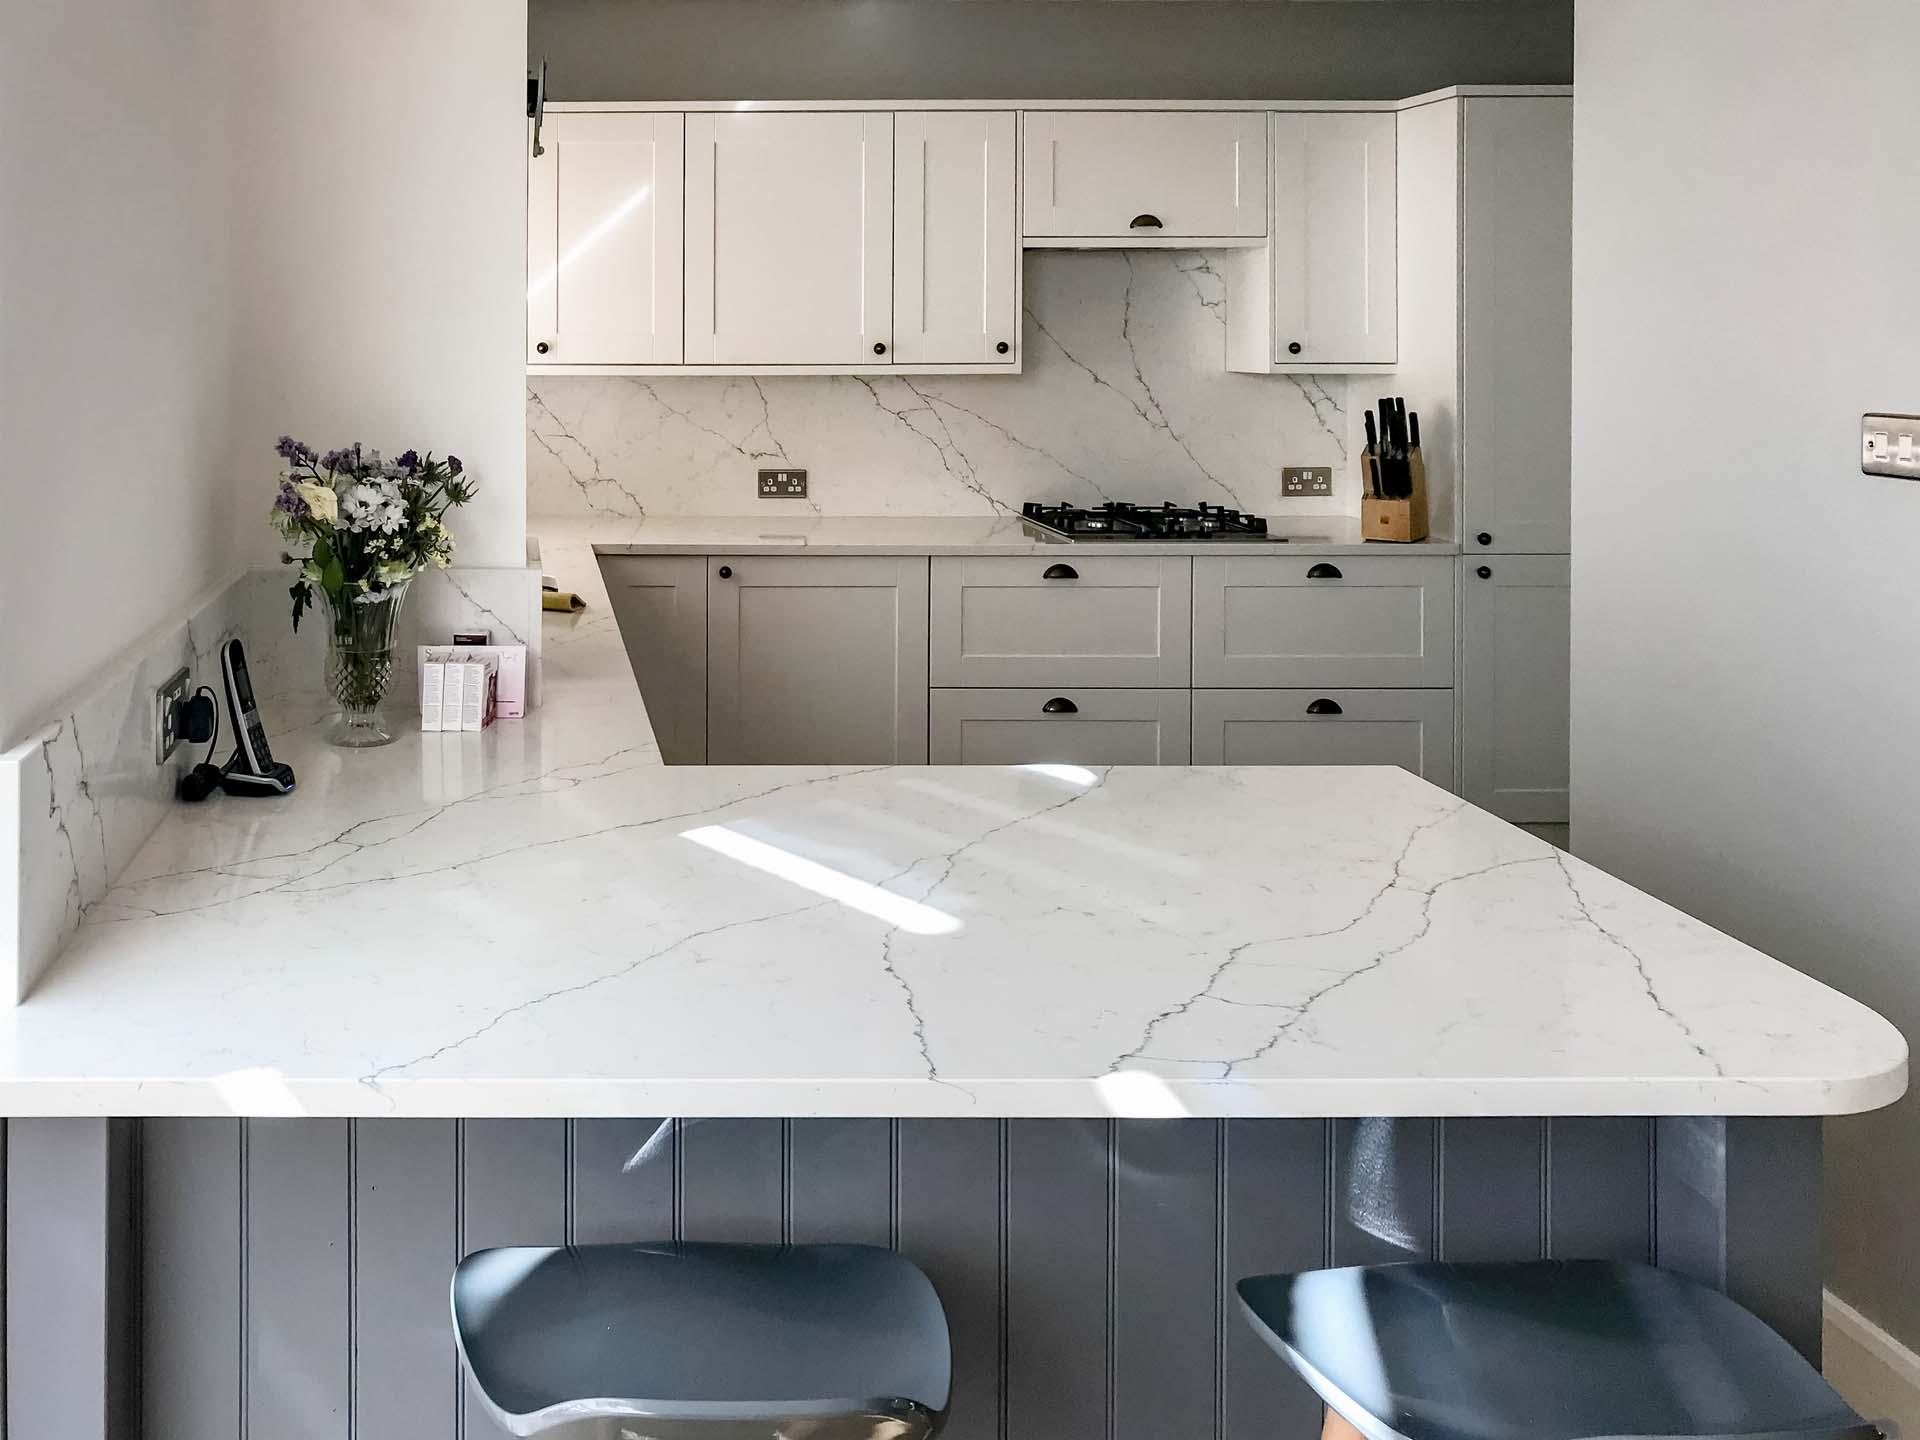 Classic quartz alaska bianca worcester park surrey affordable granite 134336 a